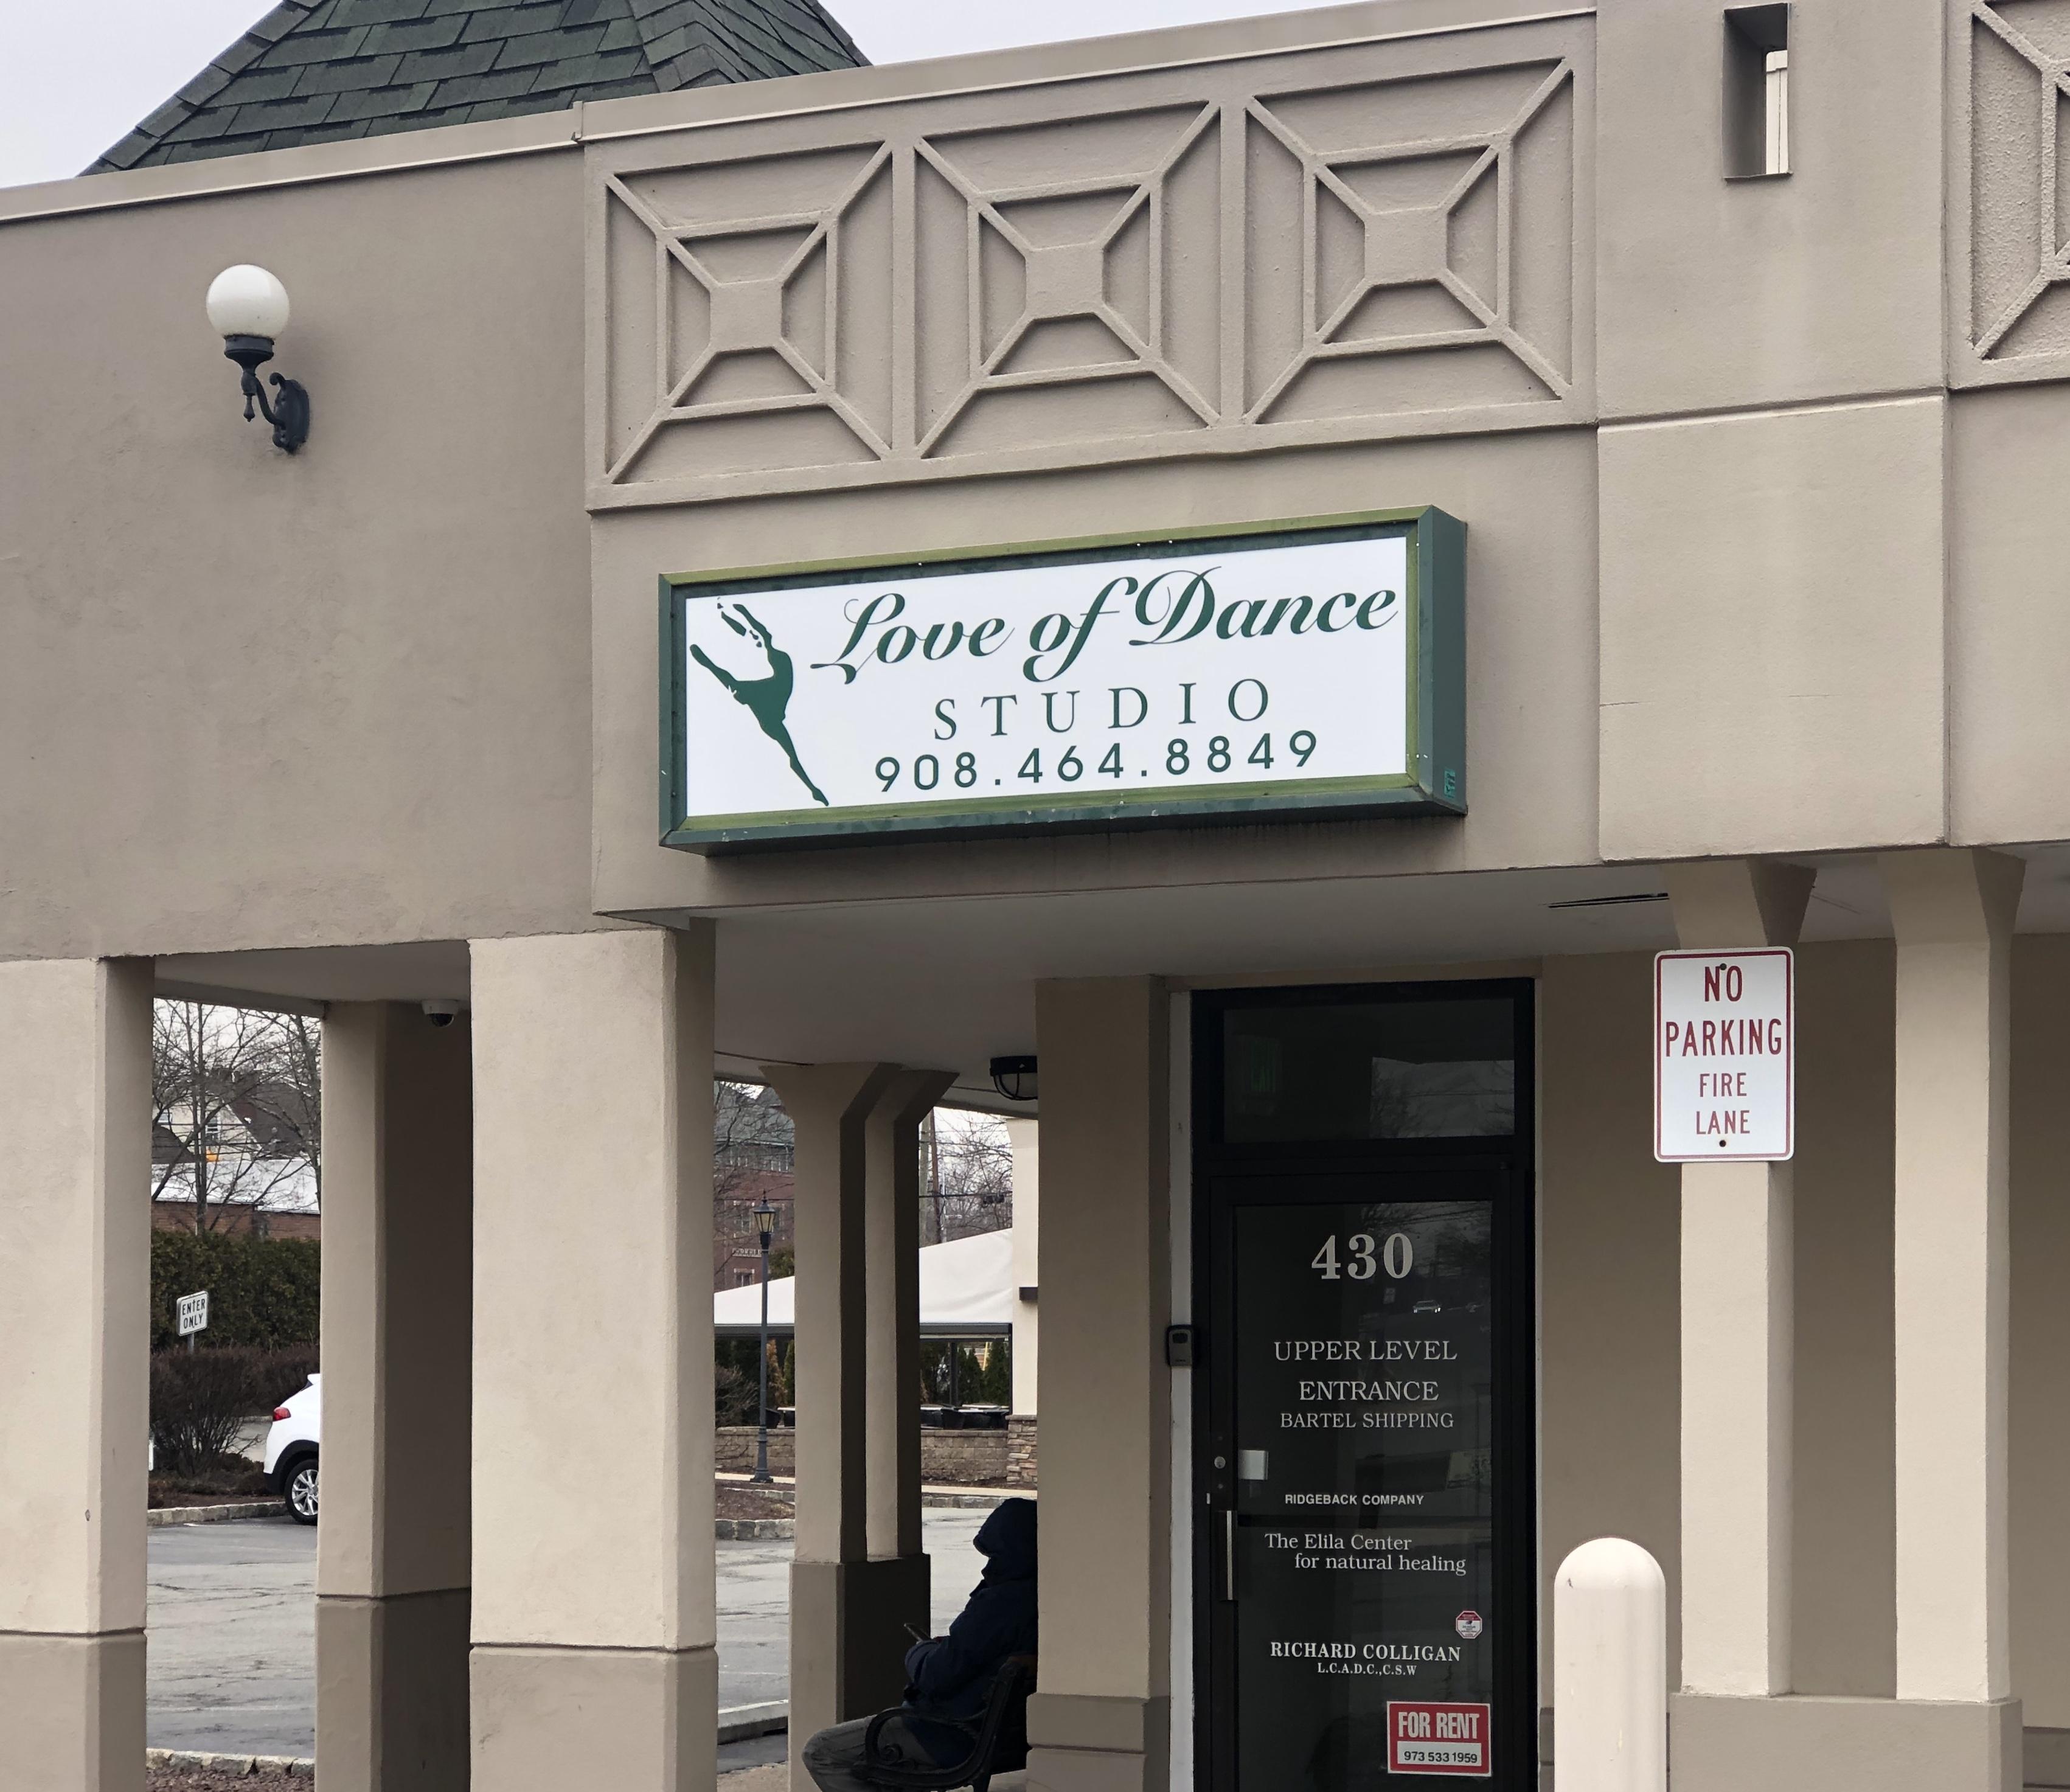 Love of Dance Studio Sign